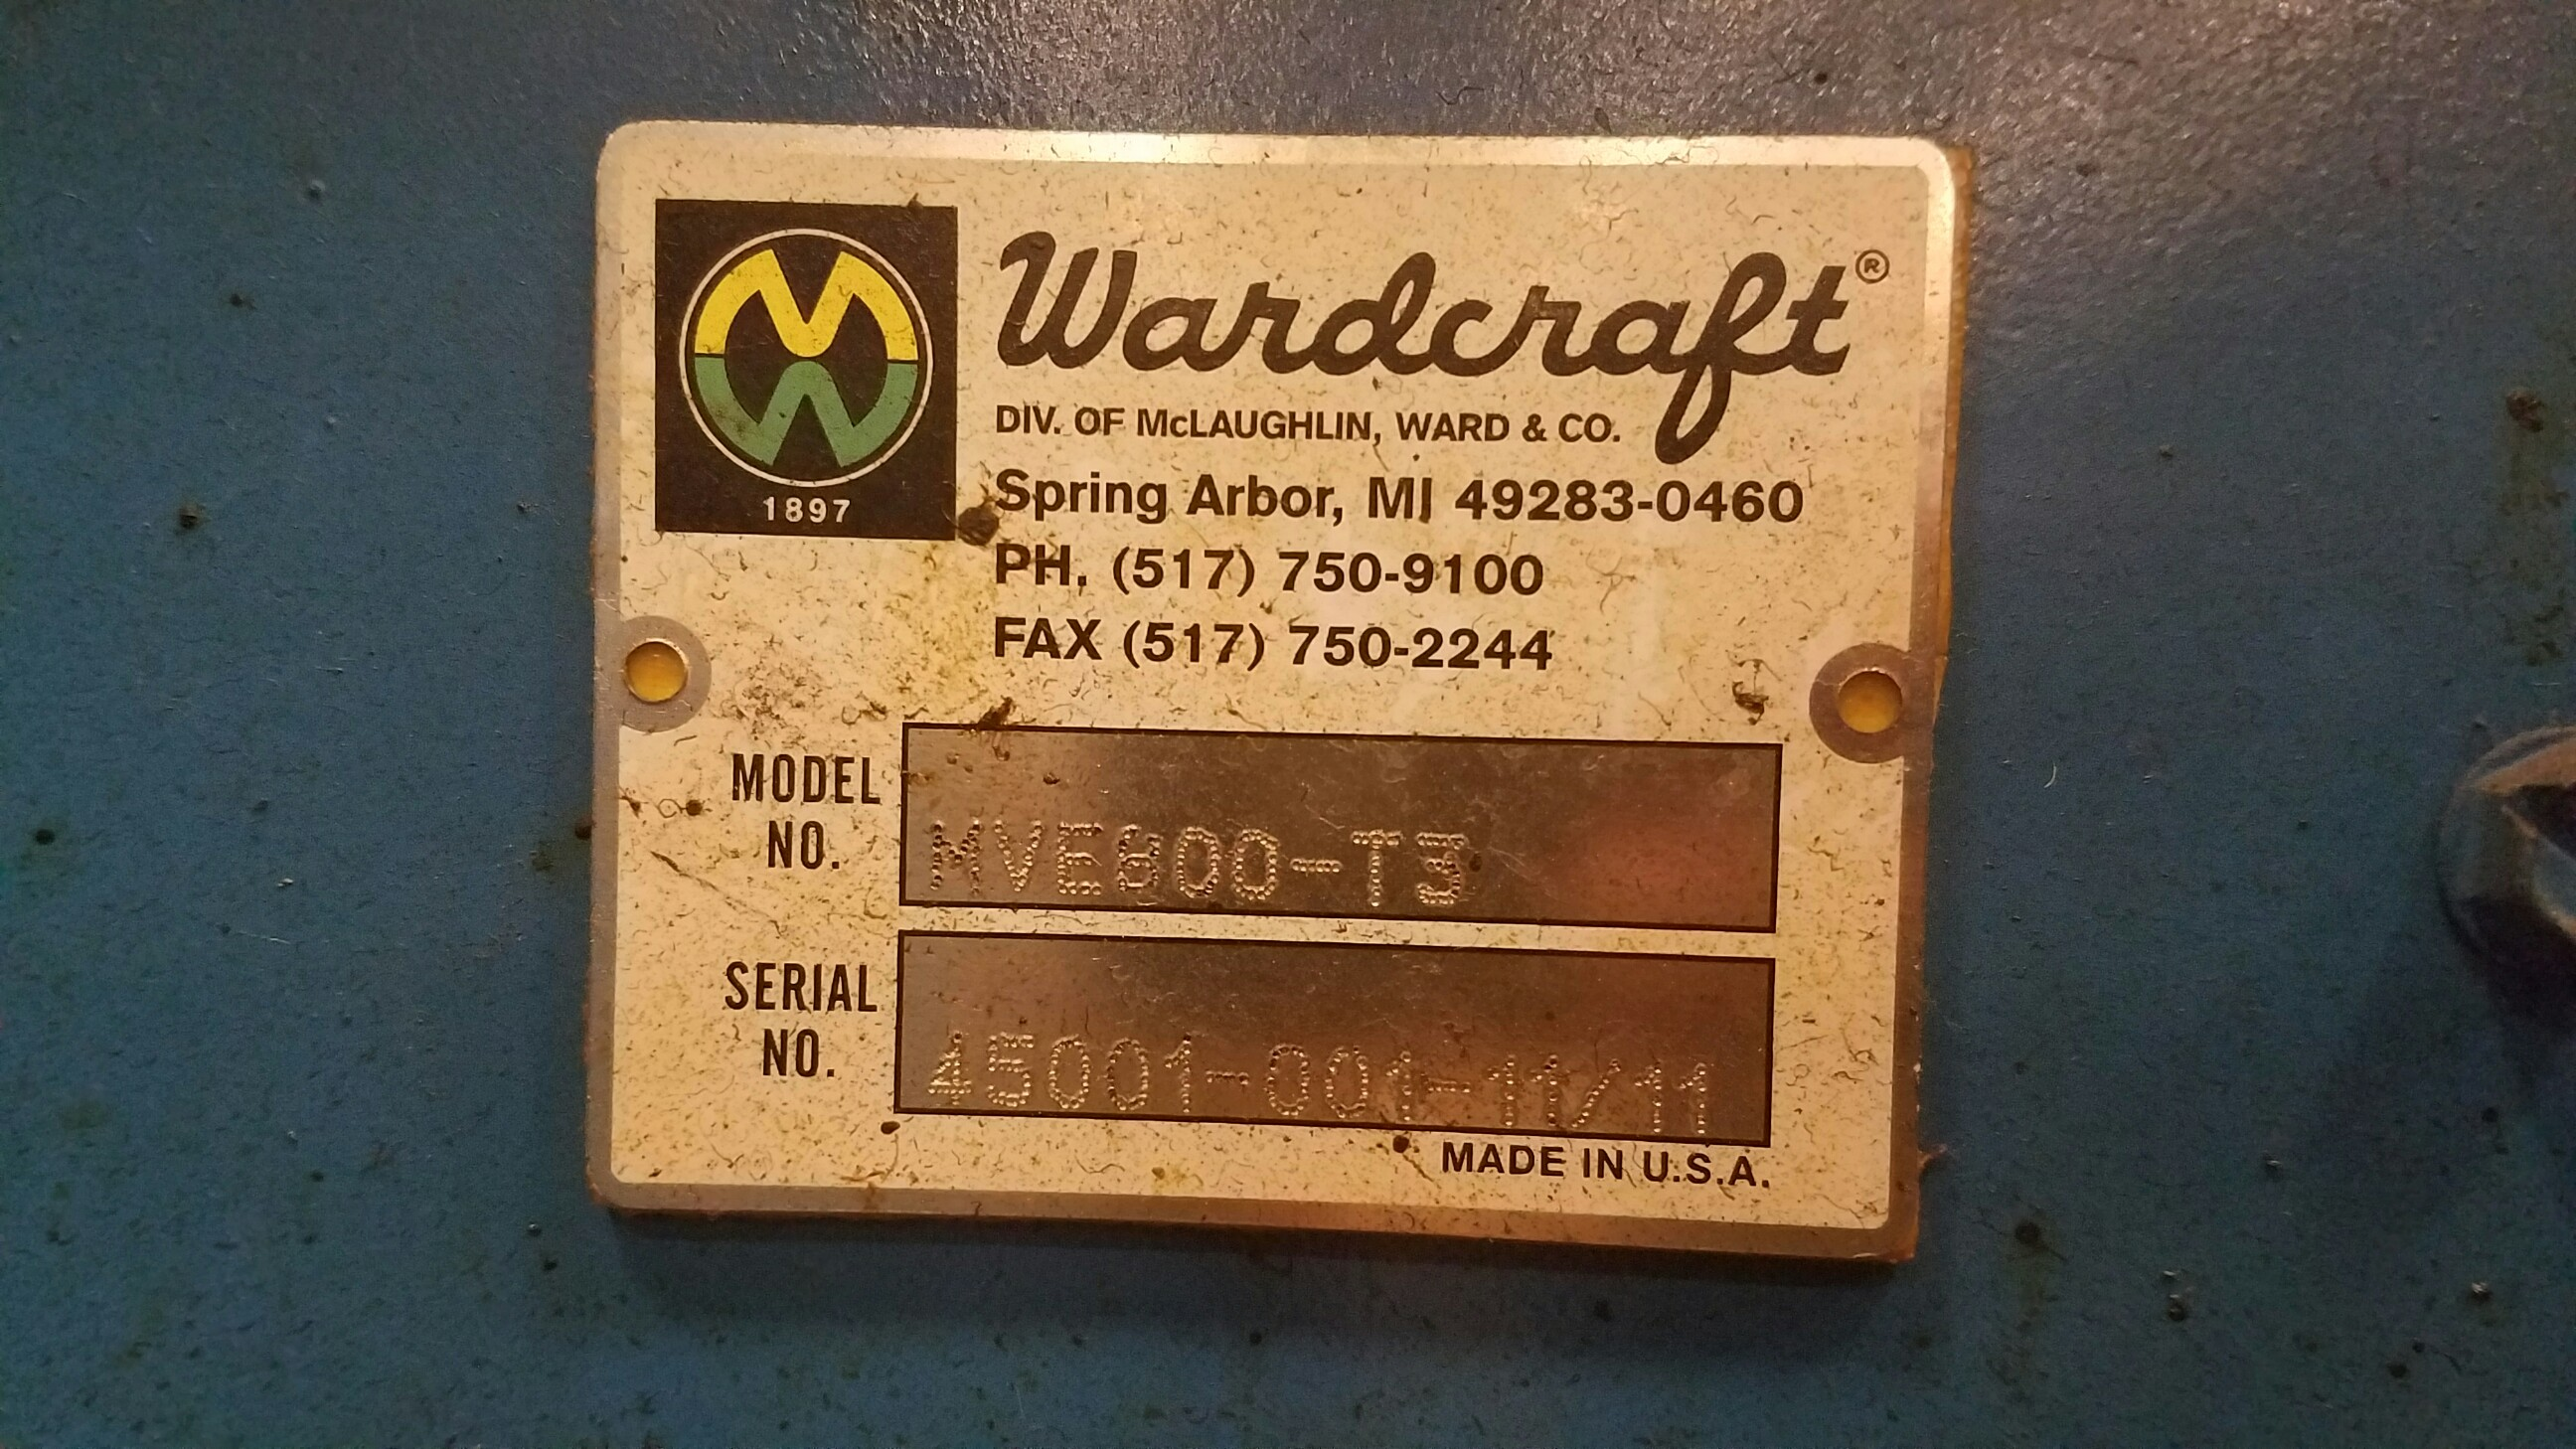 WARDCRAFT MAGNETIC CONVEYOR